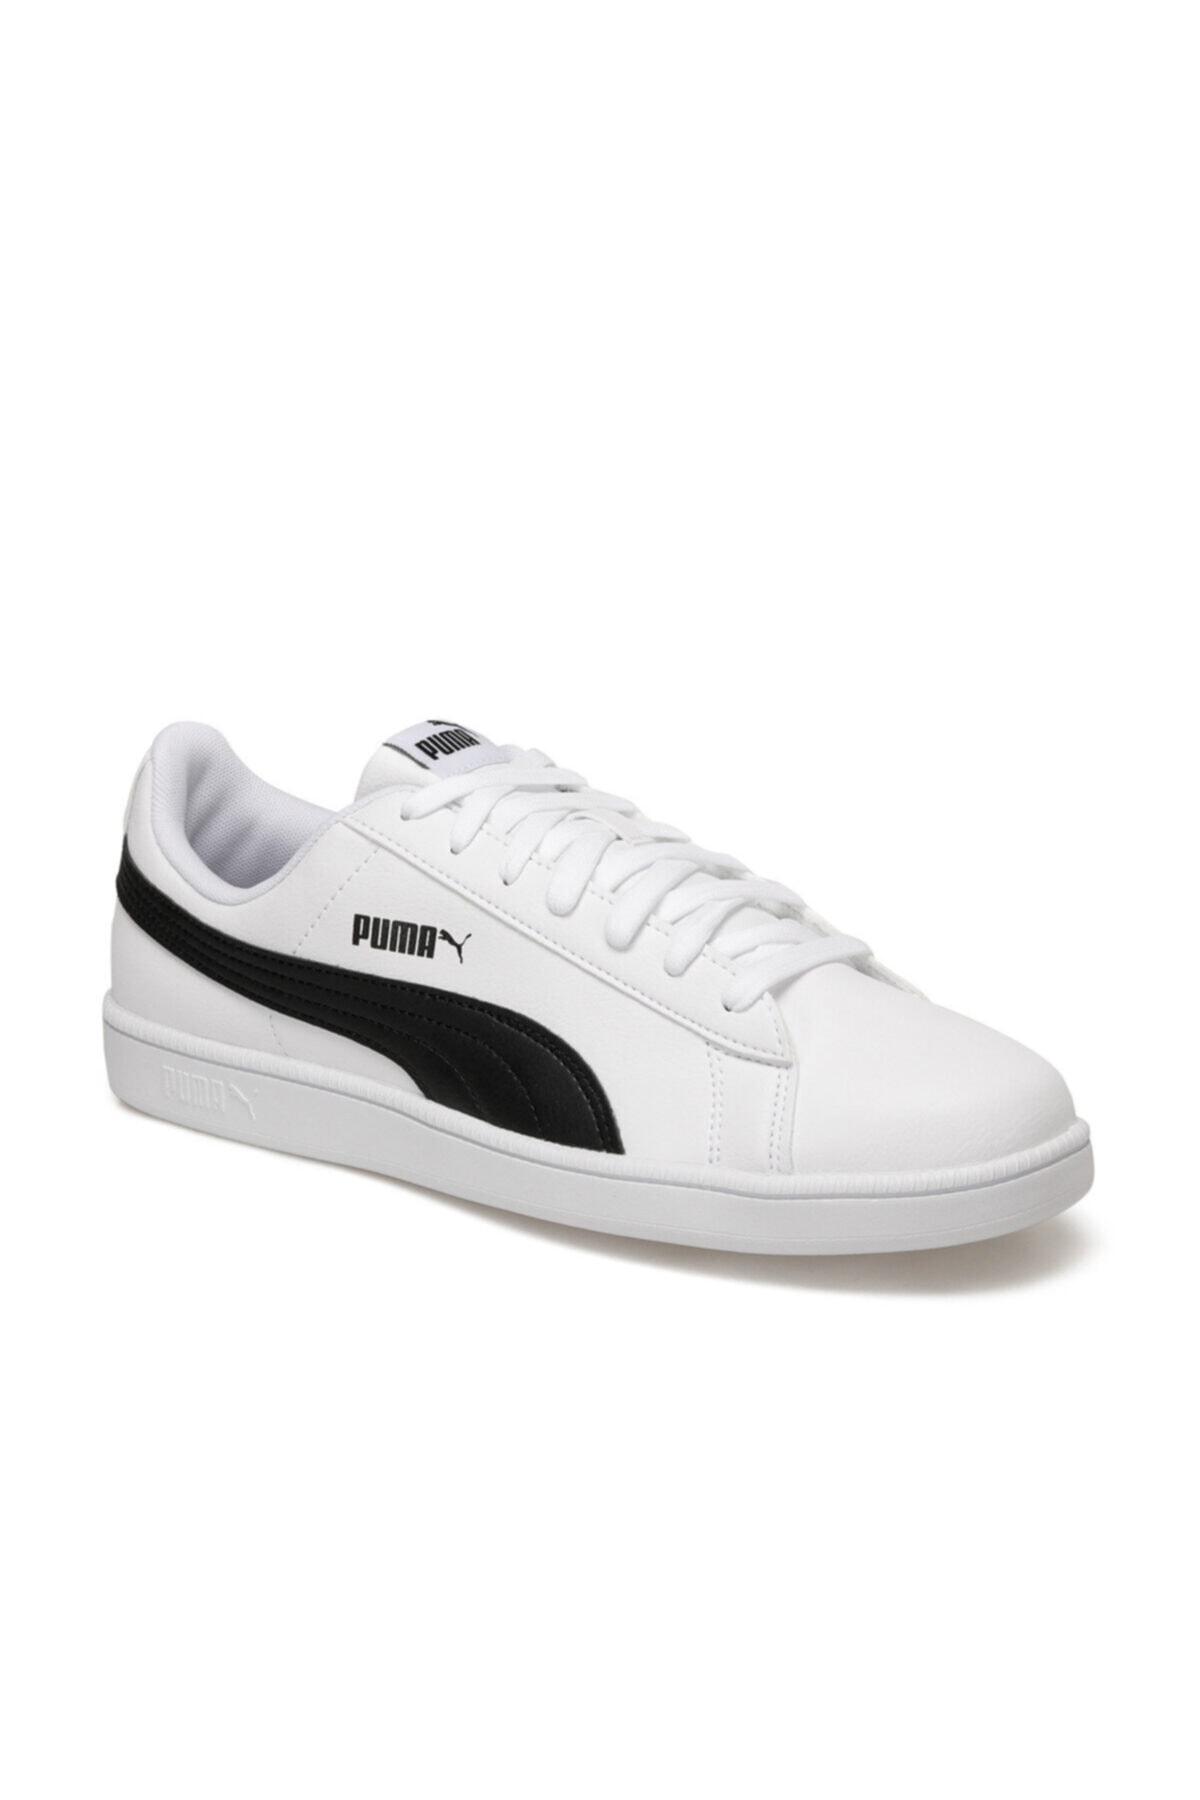 Puma Beyaz Erkek Sneaker Ayakkabı 1